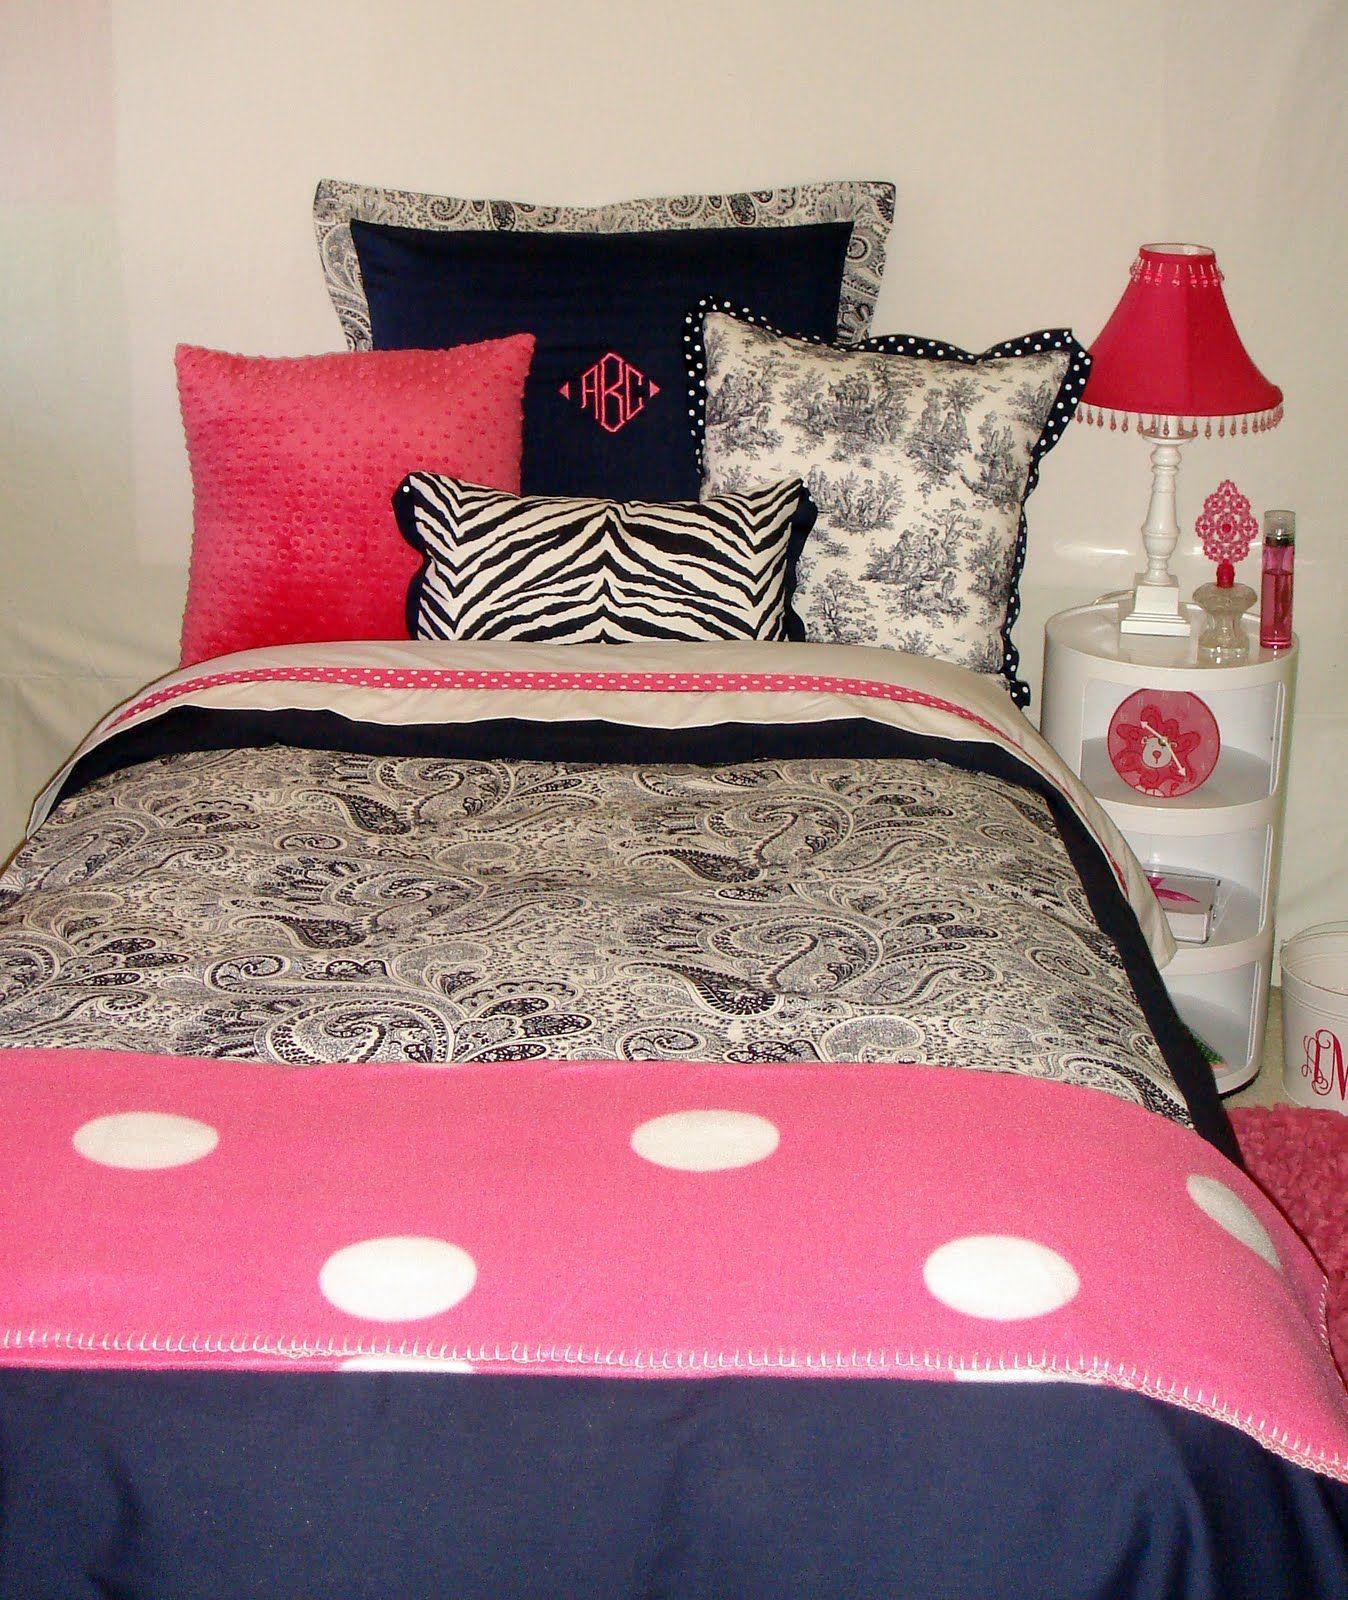 Delightful Best College Dorm Bedding Sets   Http://www.digablearts.com/